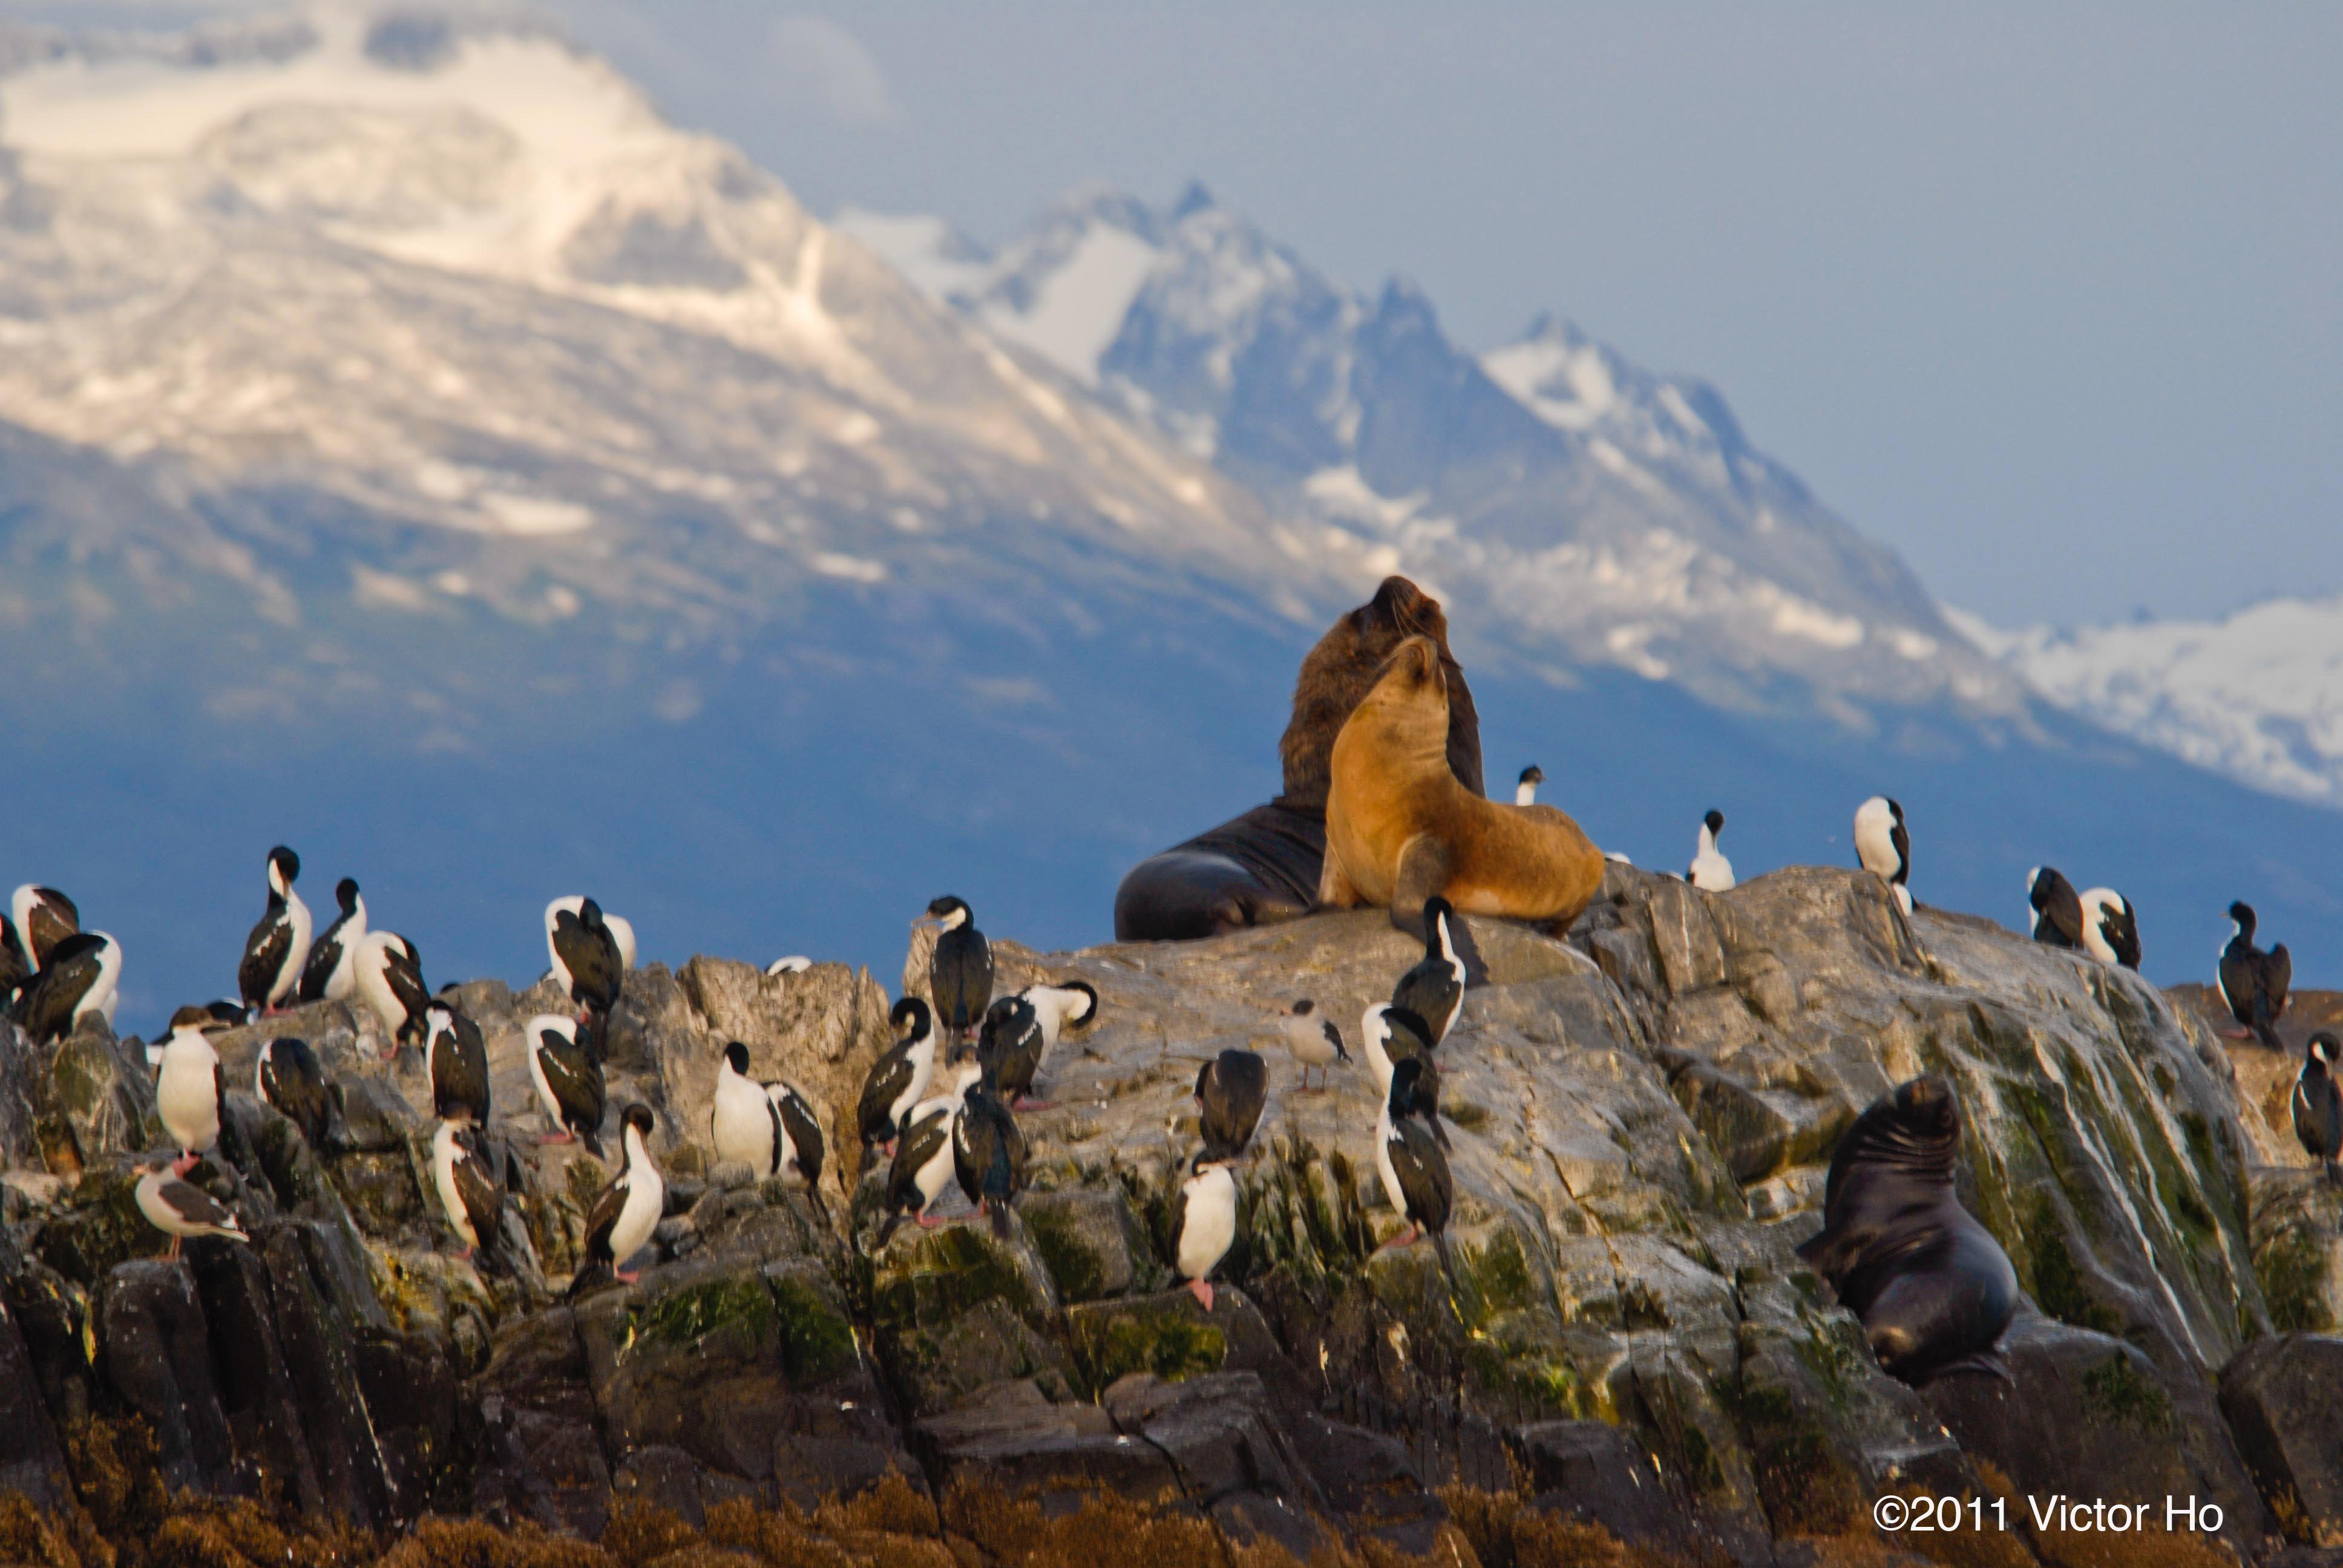 Beagle Channel Tierra Del Fuego Tierra Del Fuego Chile